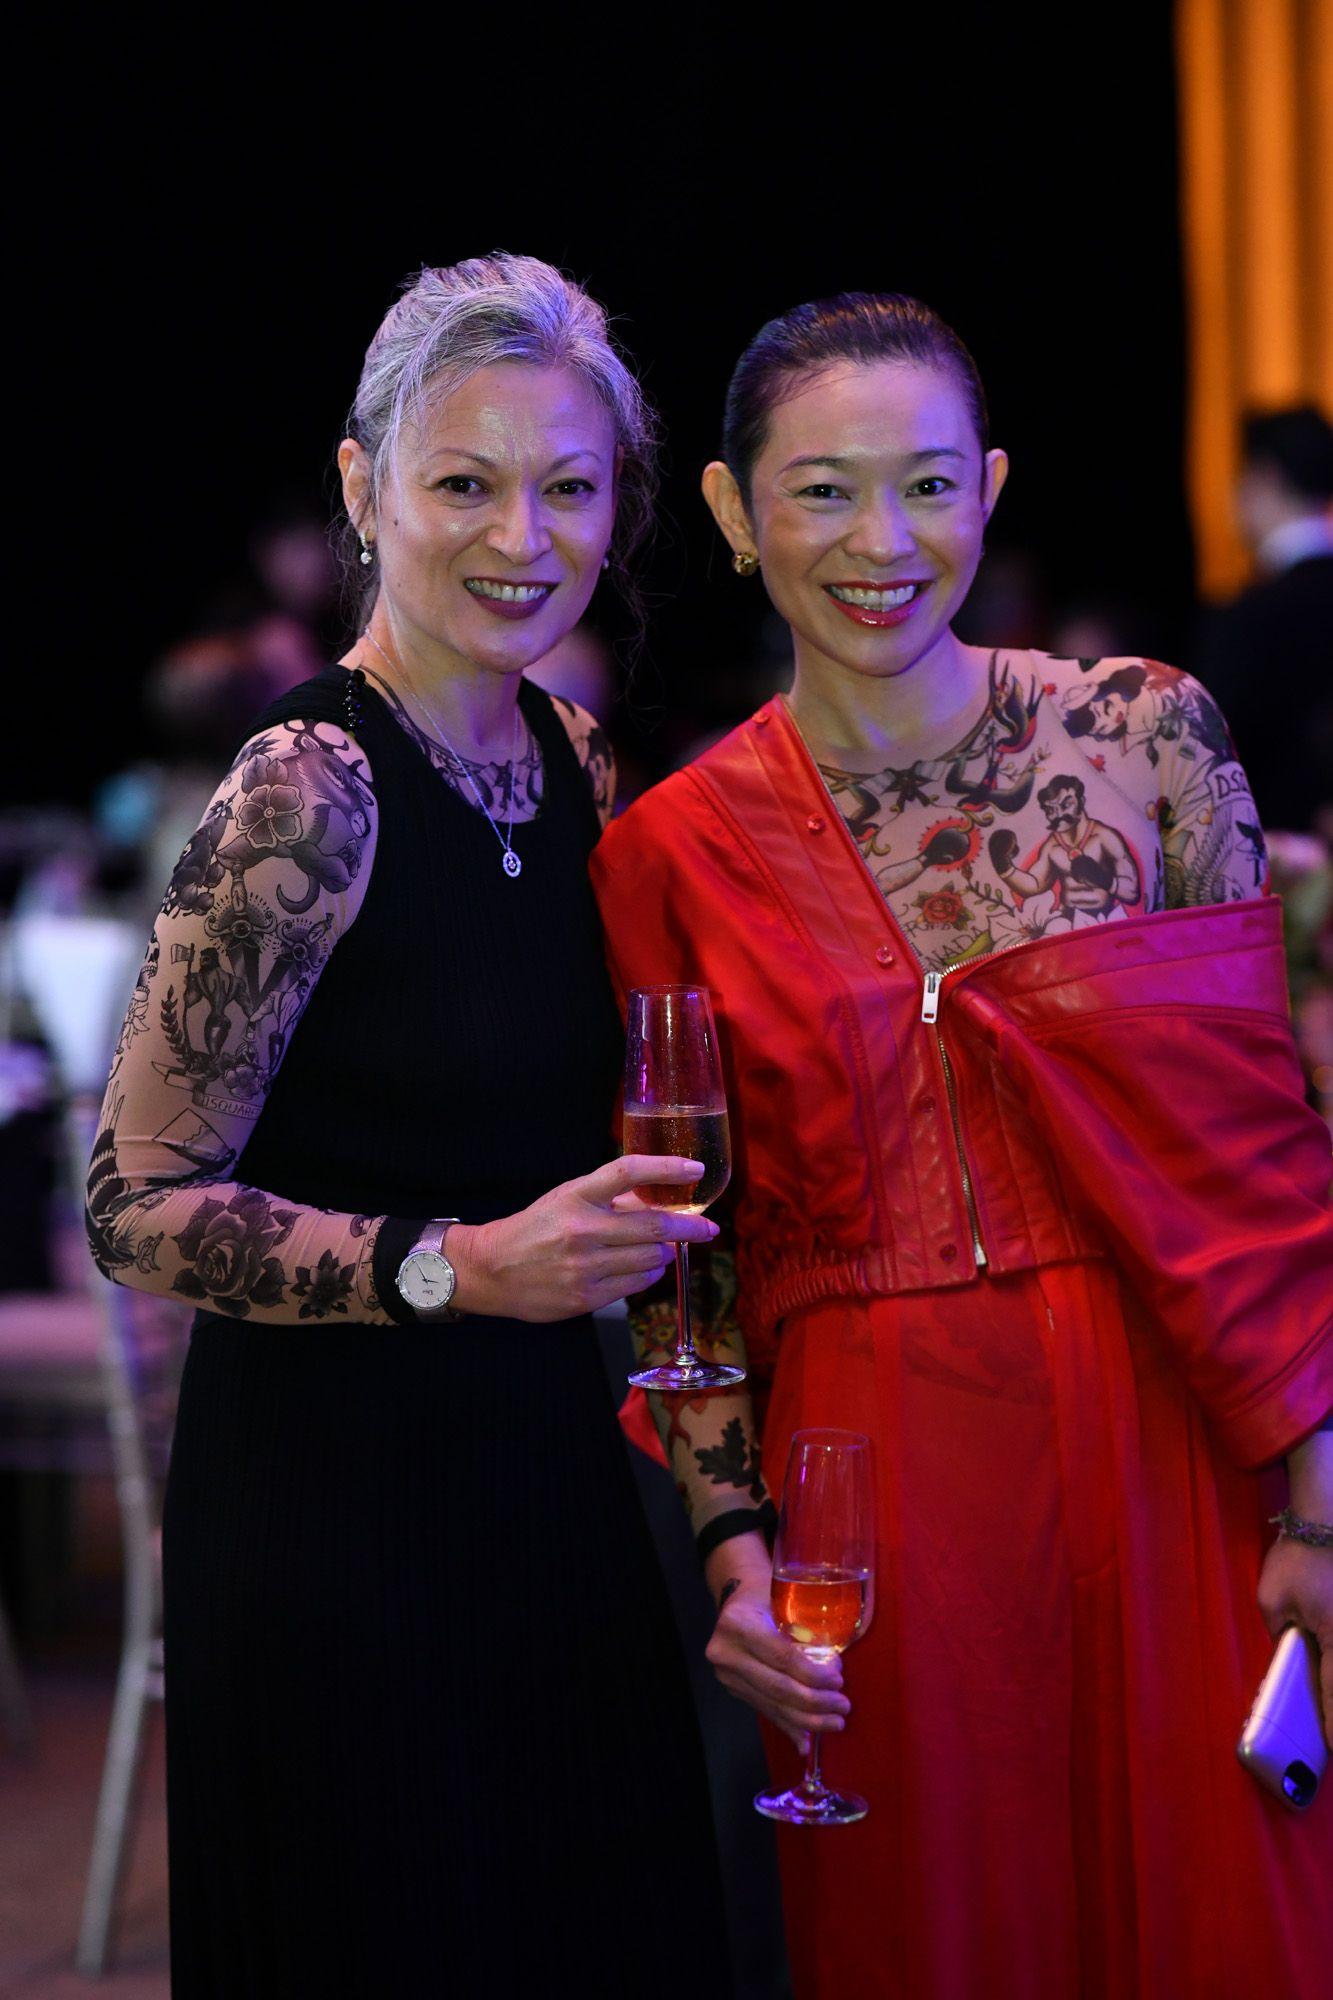 Margie Van Elten Blommaert, Lim Swee Lin